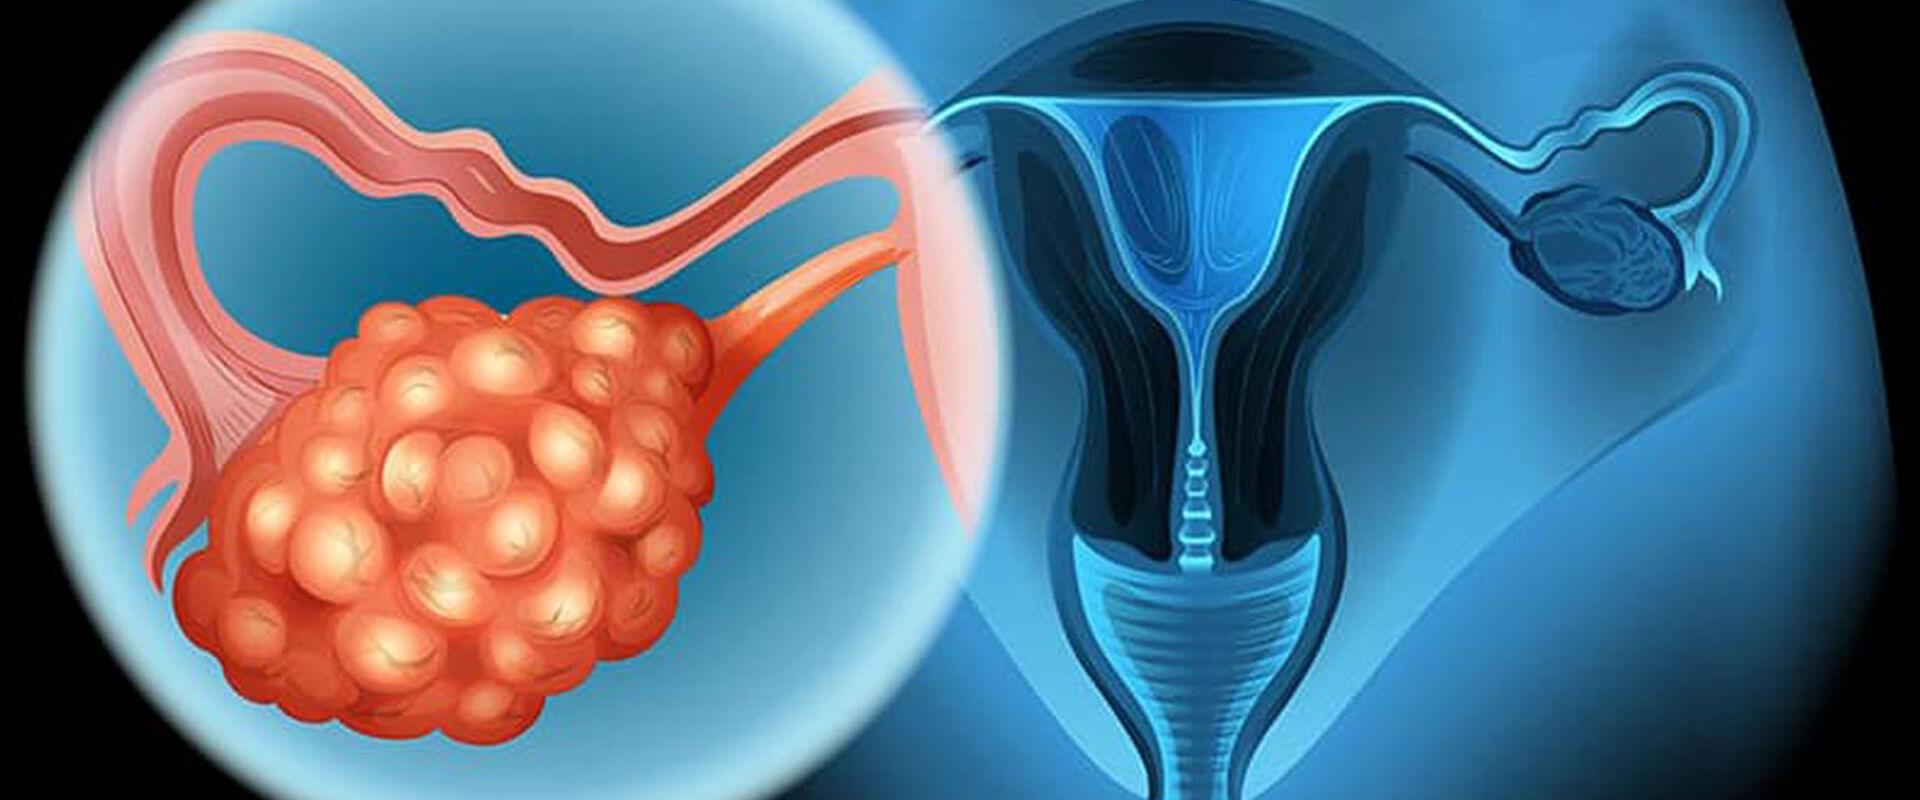 Câncer de ovário - Dr. Valter Alvarenga